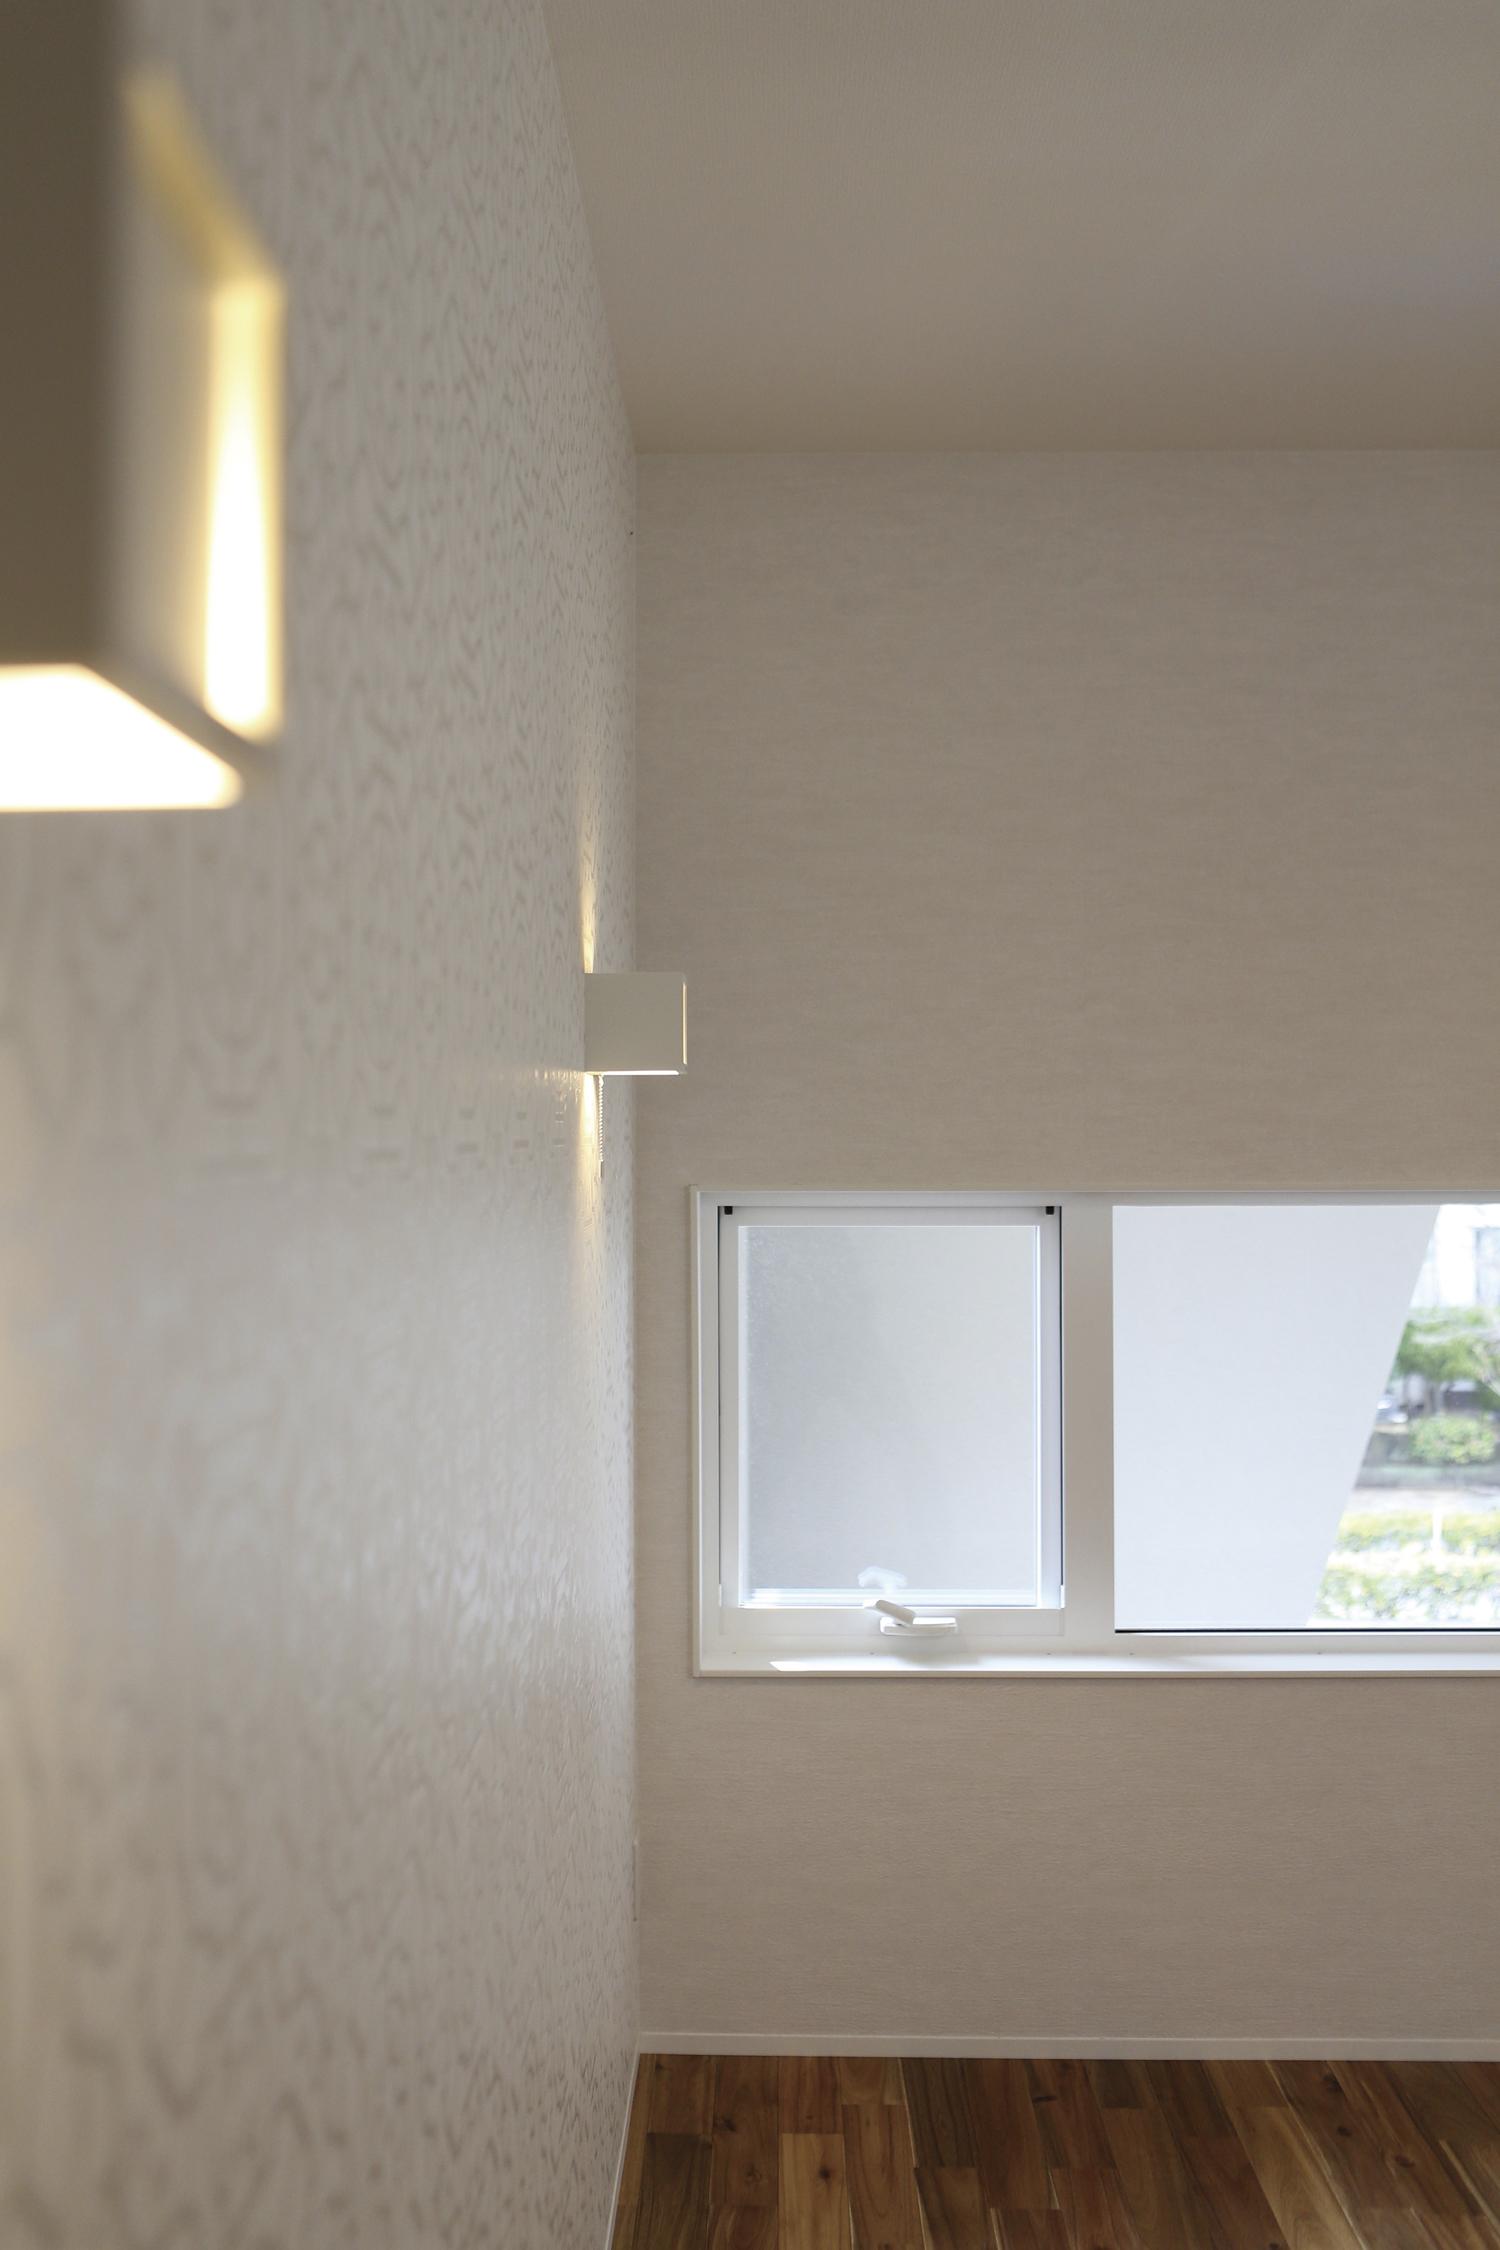 福山市の注文住宅|今井住建の施工事例ギャラリー「斬新な外観が中からも感じられる一瞬」